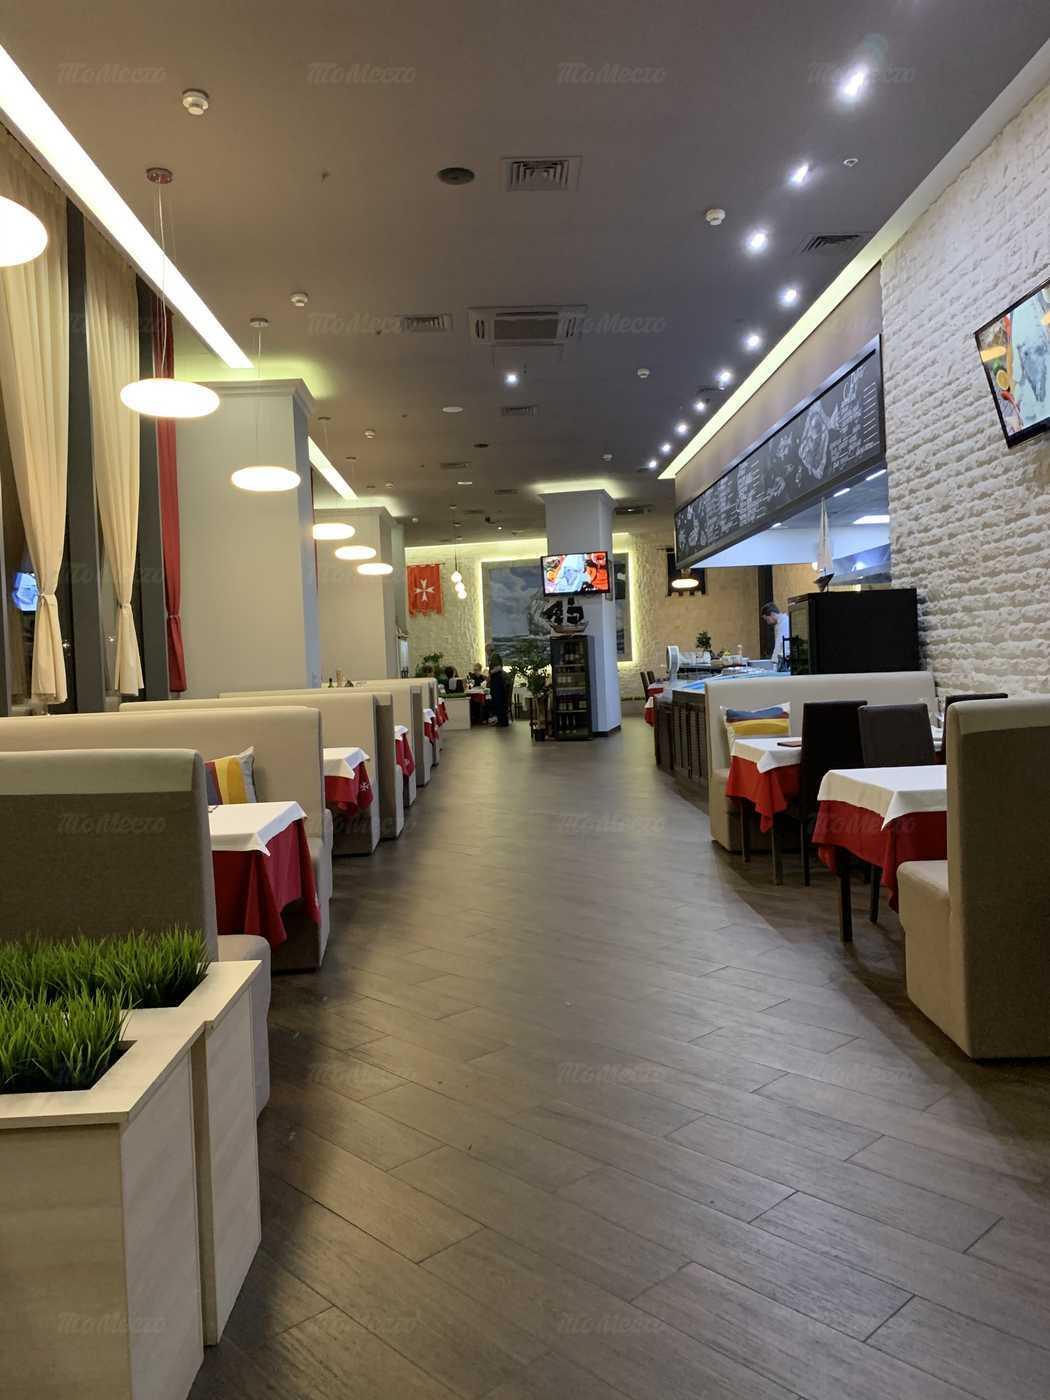 Ресторан Порто Мальтезе (Porto Maltese) на Кутузовском проспекте фото 7